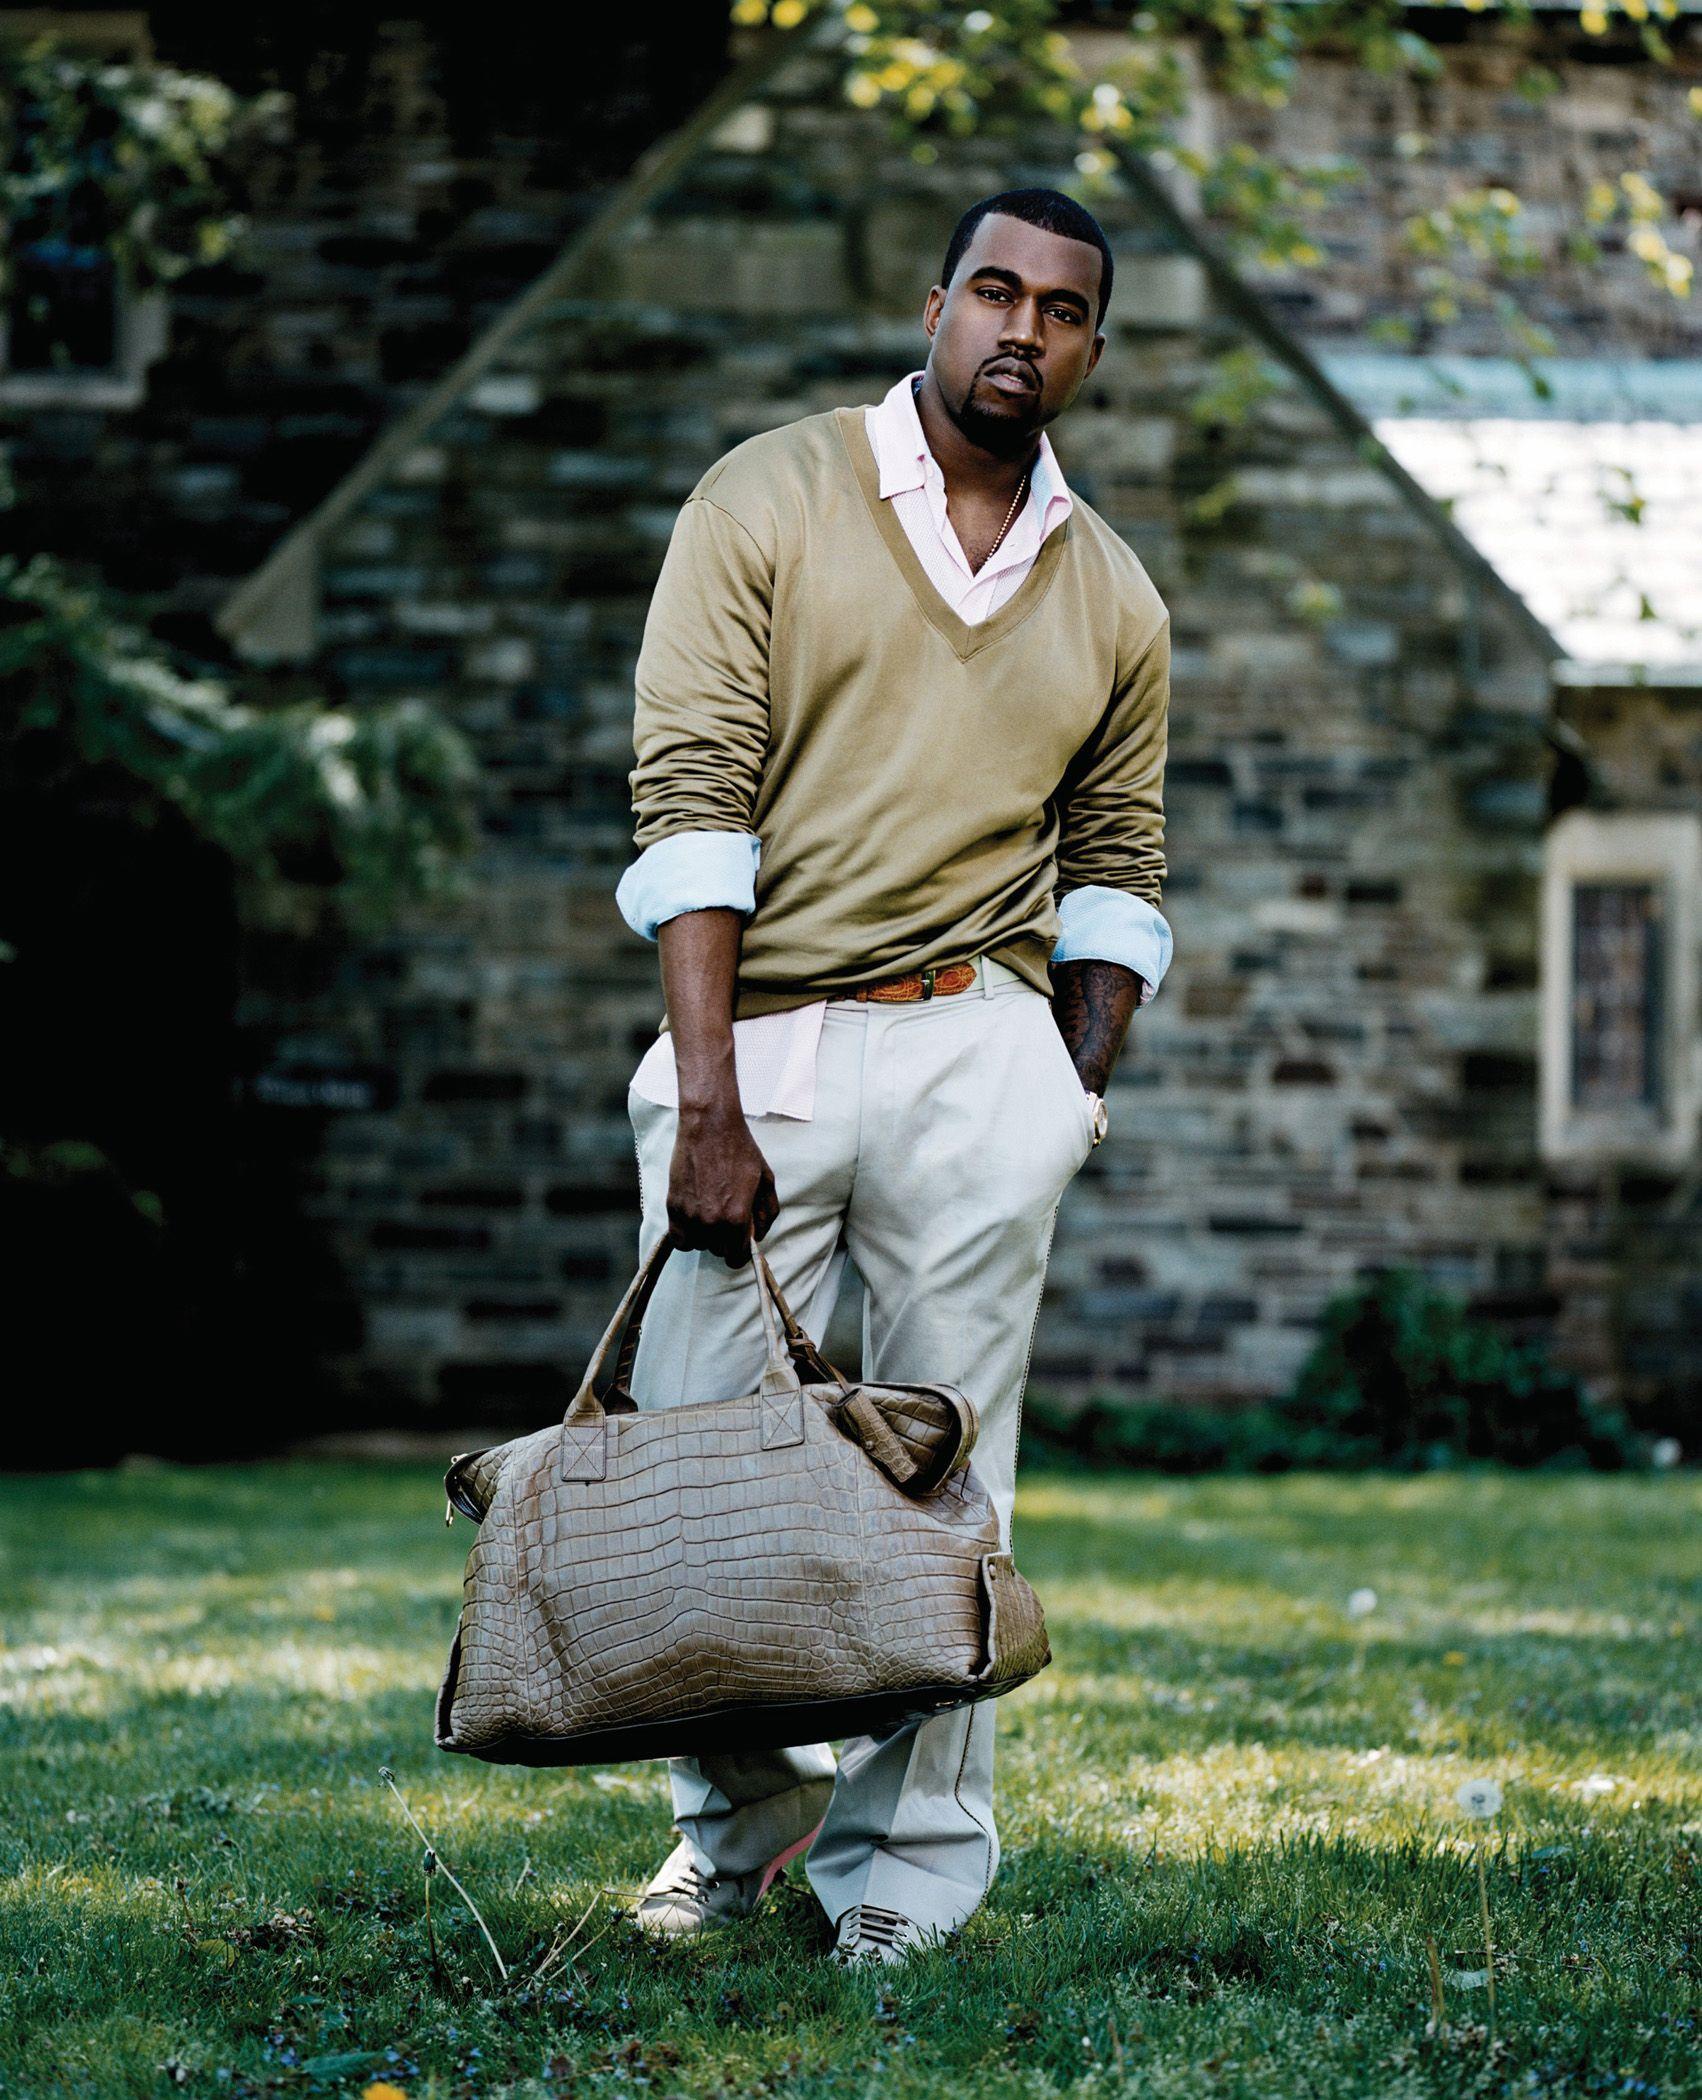 Kanye Writes About His Mother Kanye West Style Kanye West Outfits Kanye Fashion